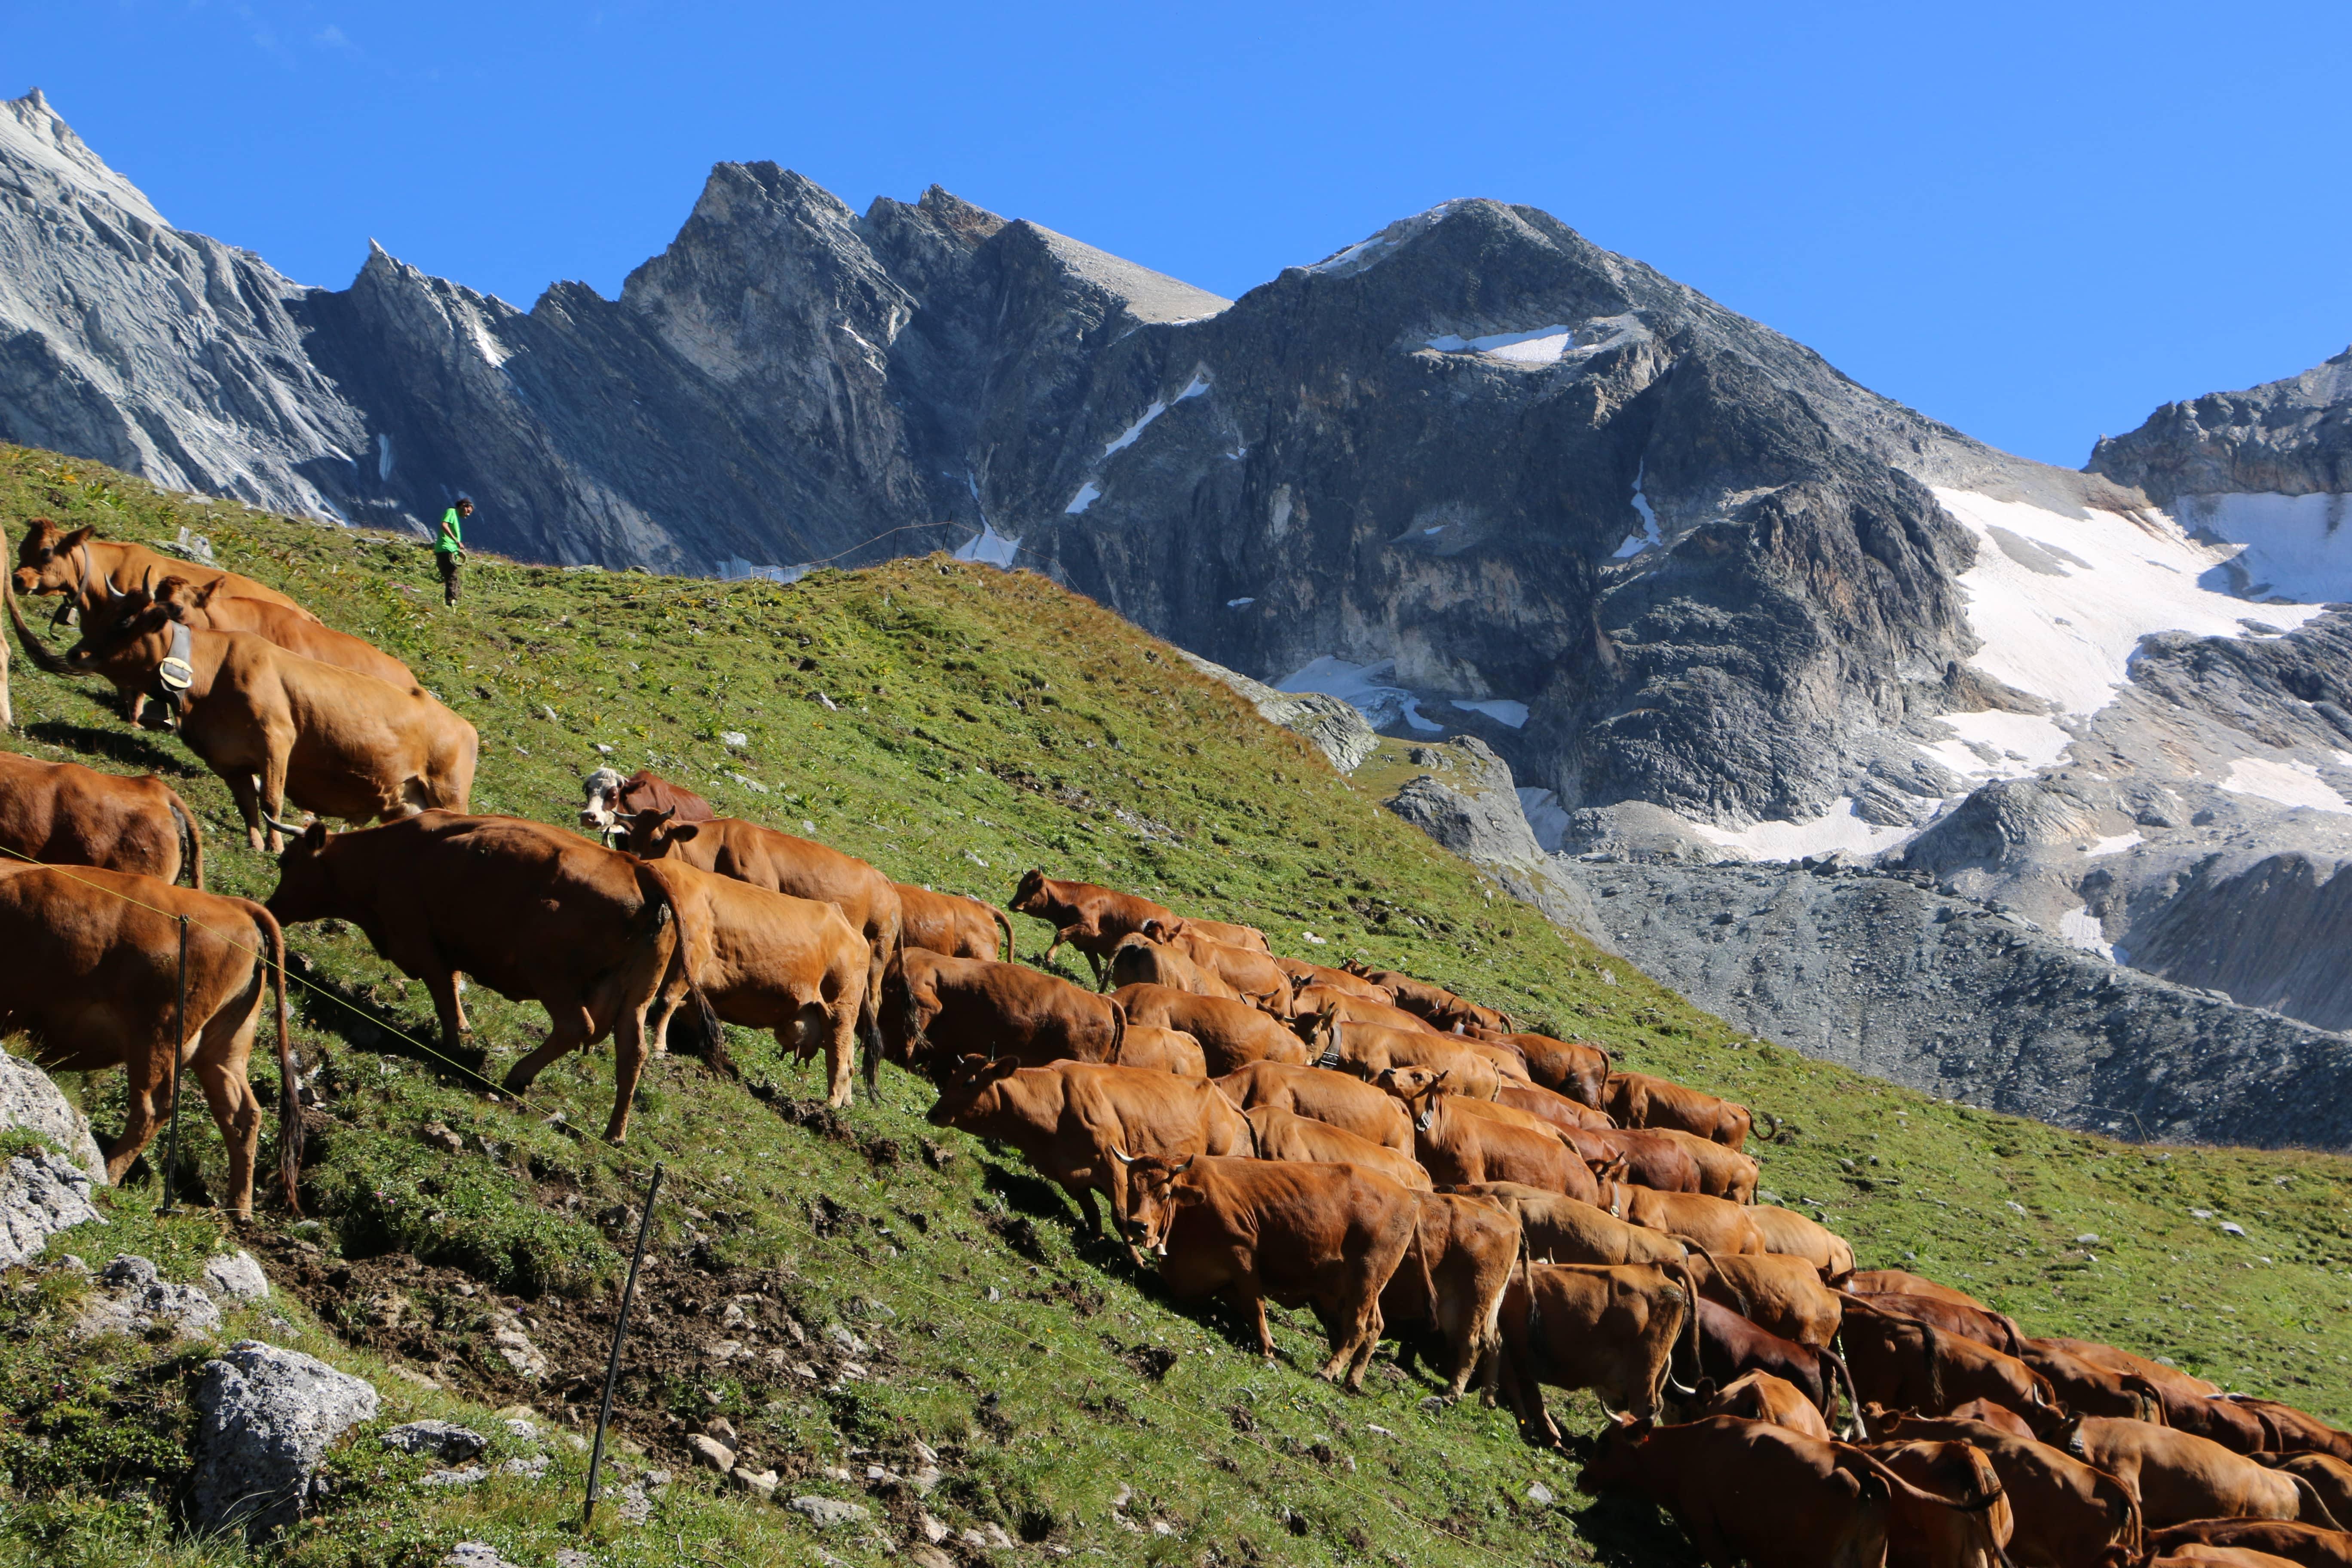 Gaël-Machet-Alpagiste-Alpage-du-Ritord-Maison-de-Savoie-Paris35